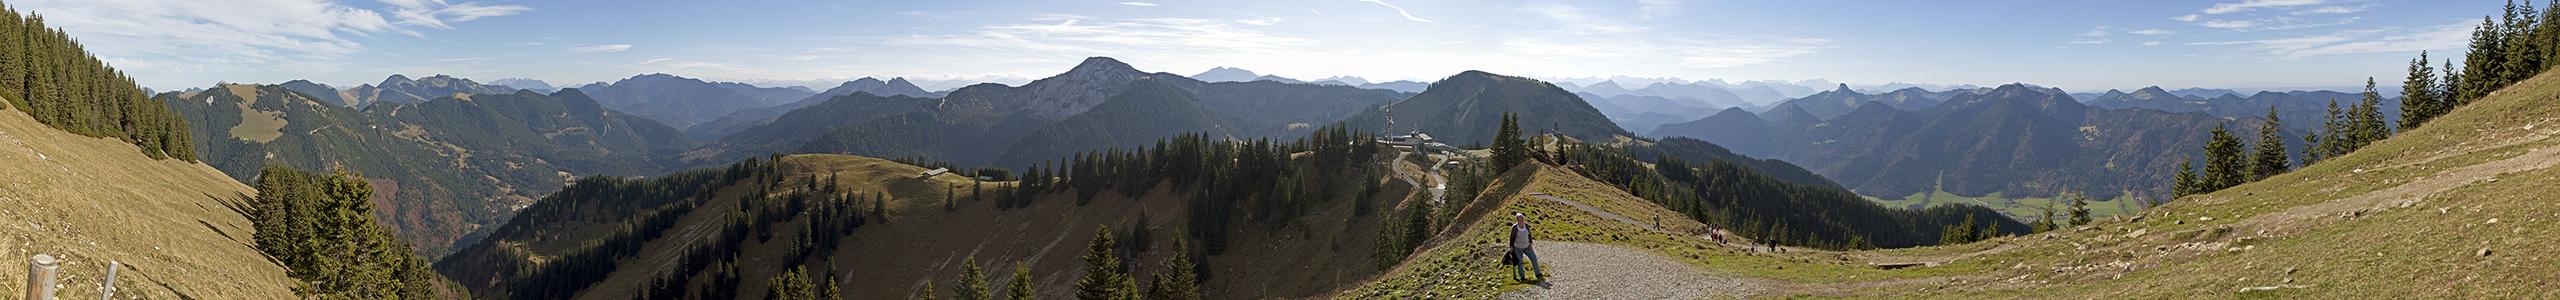 Wallberg Wilder Kaiser, Hohe Tauern, Zillertaler Alpen, Karwendel, Wettersteingebirge (v.l.)